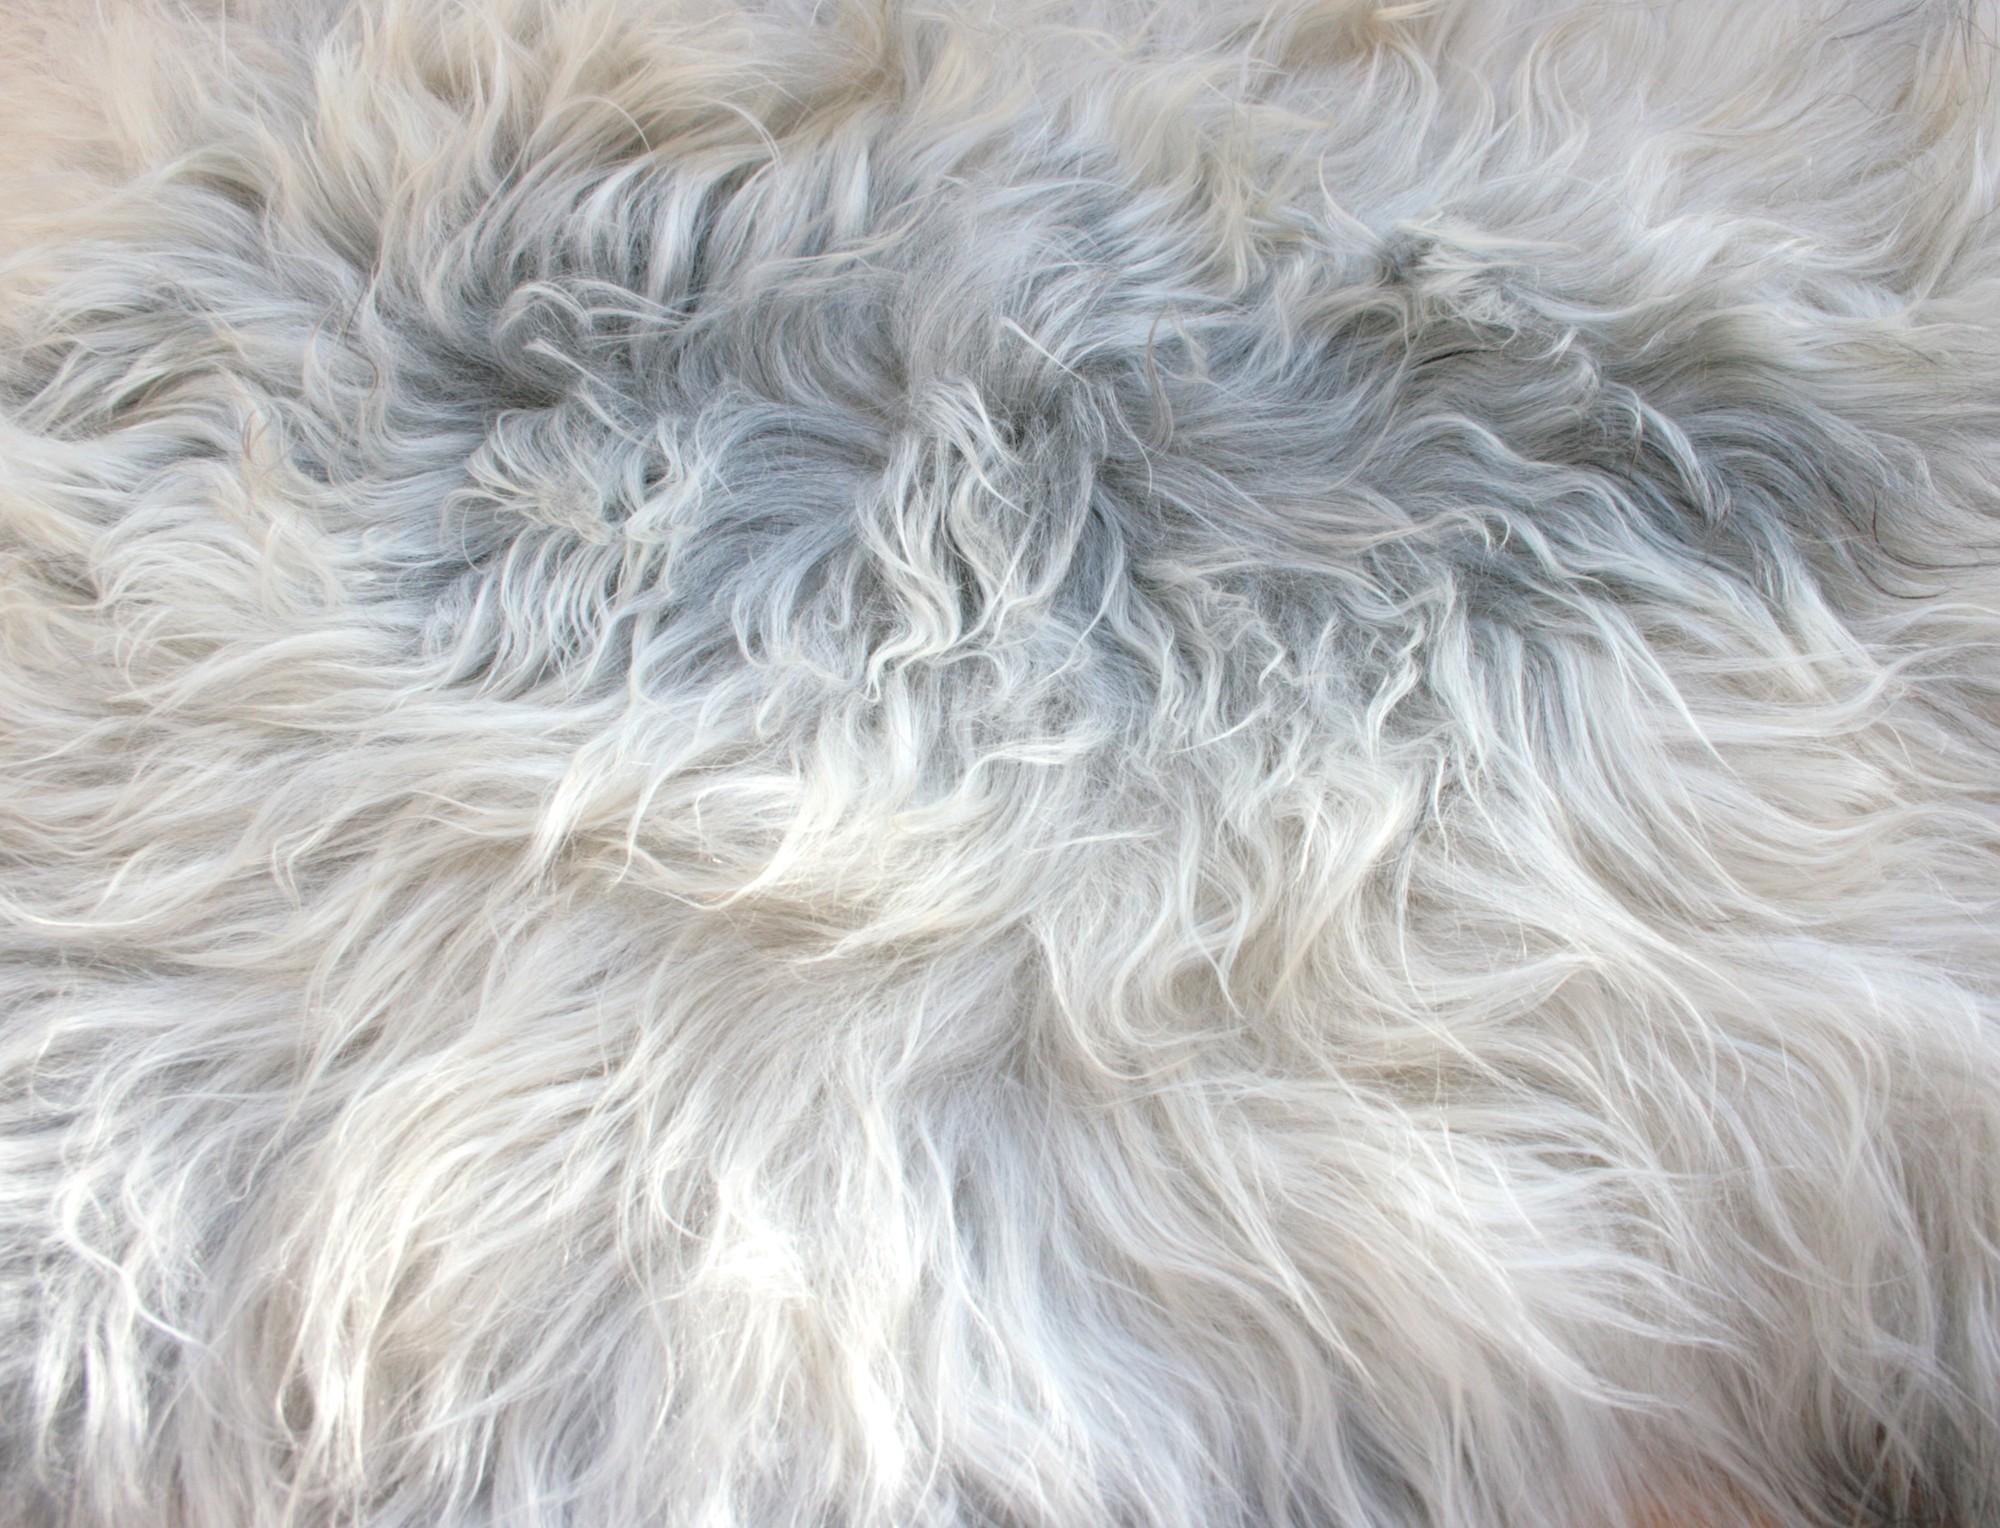 Tapis en peau de mouton islandais gris m ch naturel - Tapis peau de mouton synthetique ...